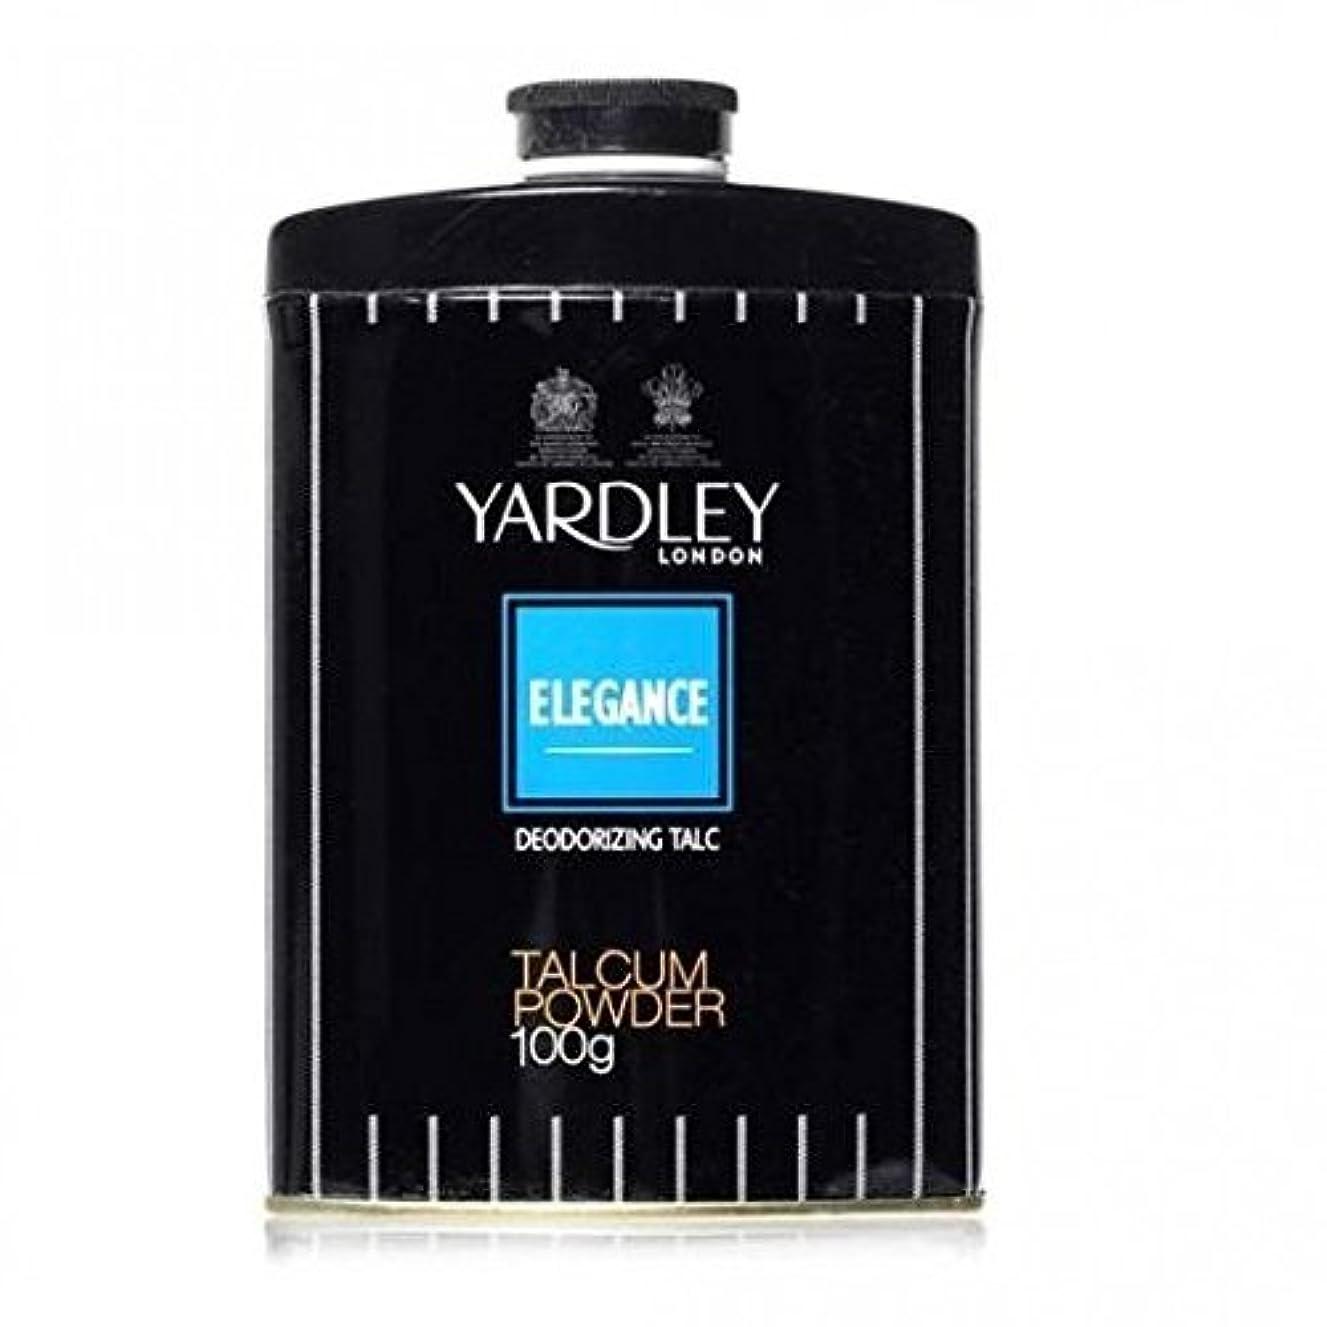 熟した贈り物植物学者Yardley Elegance Deodorizing Talc, 250g by Yardley [並行輸入品]